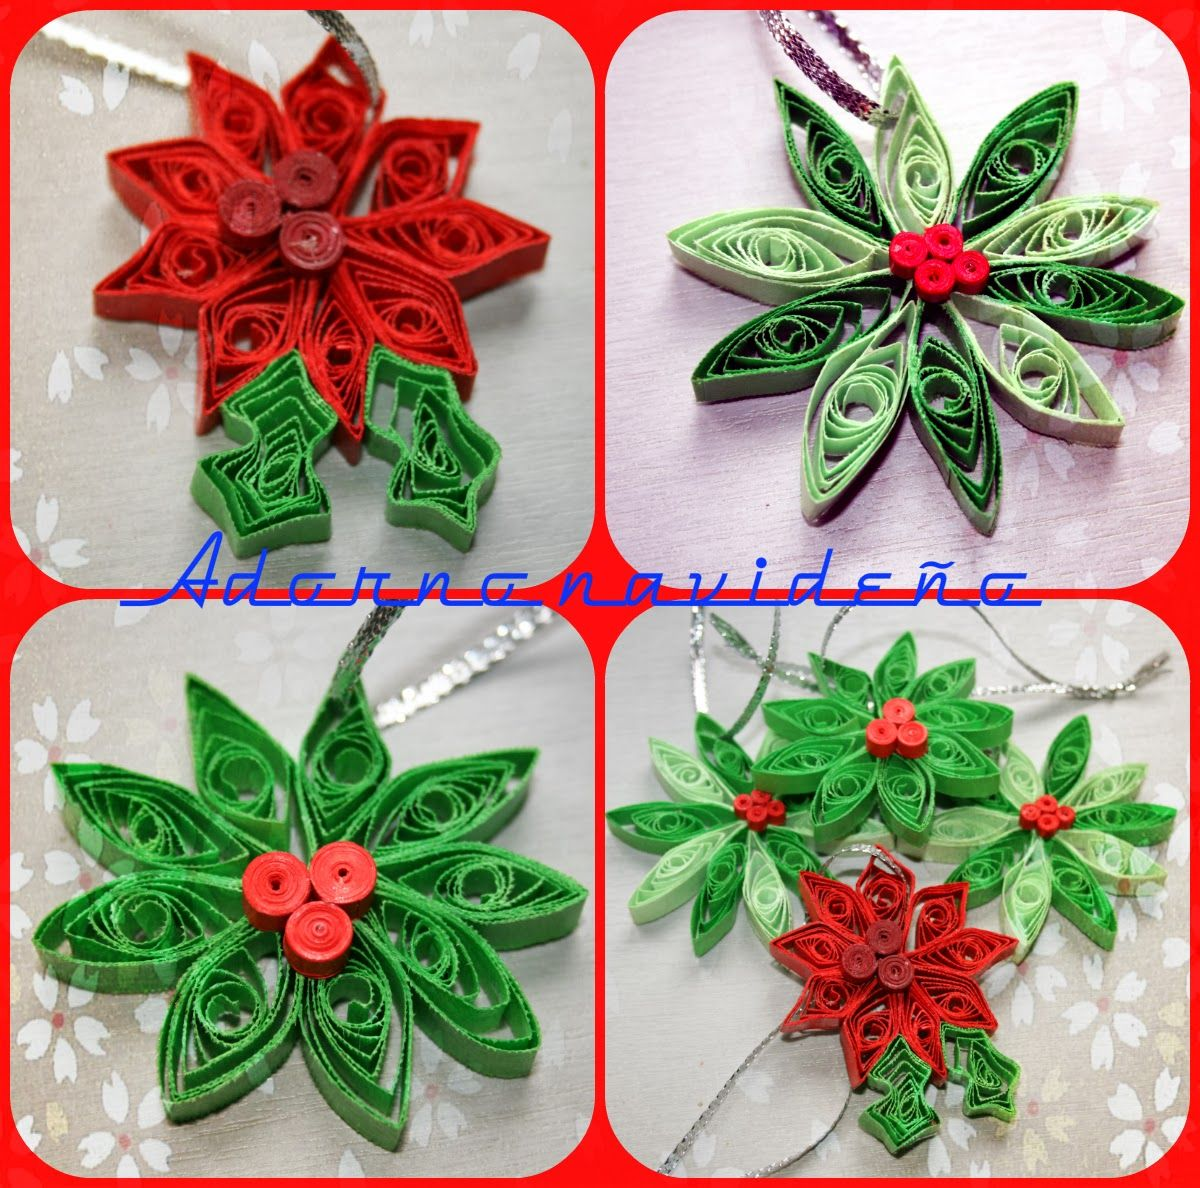 Tarjetas navide as en filigrana de papel buscar con for Navidad adornos manualidades navidenas